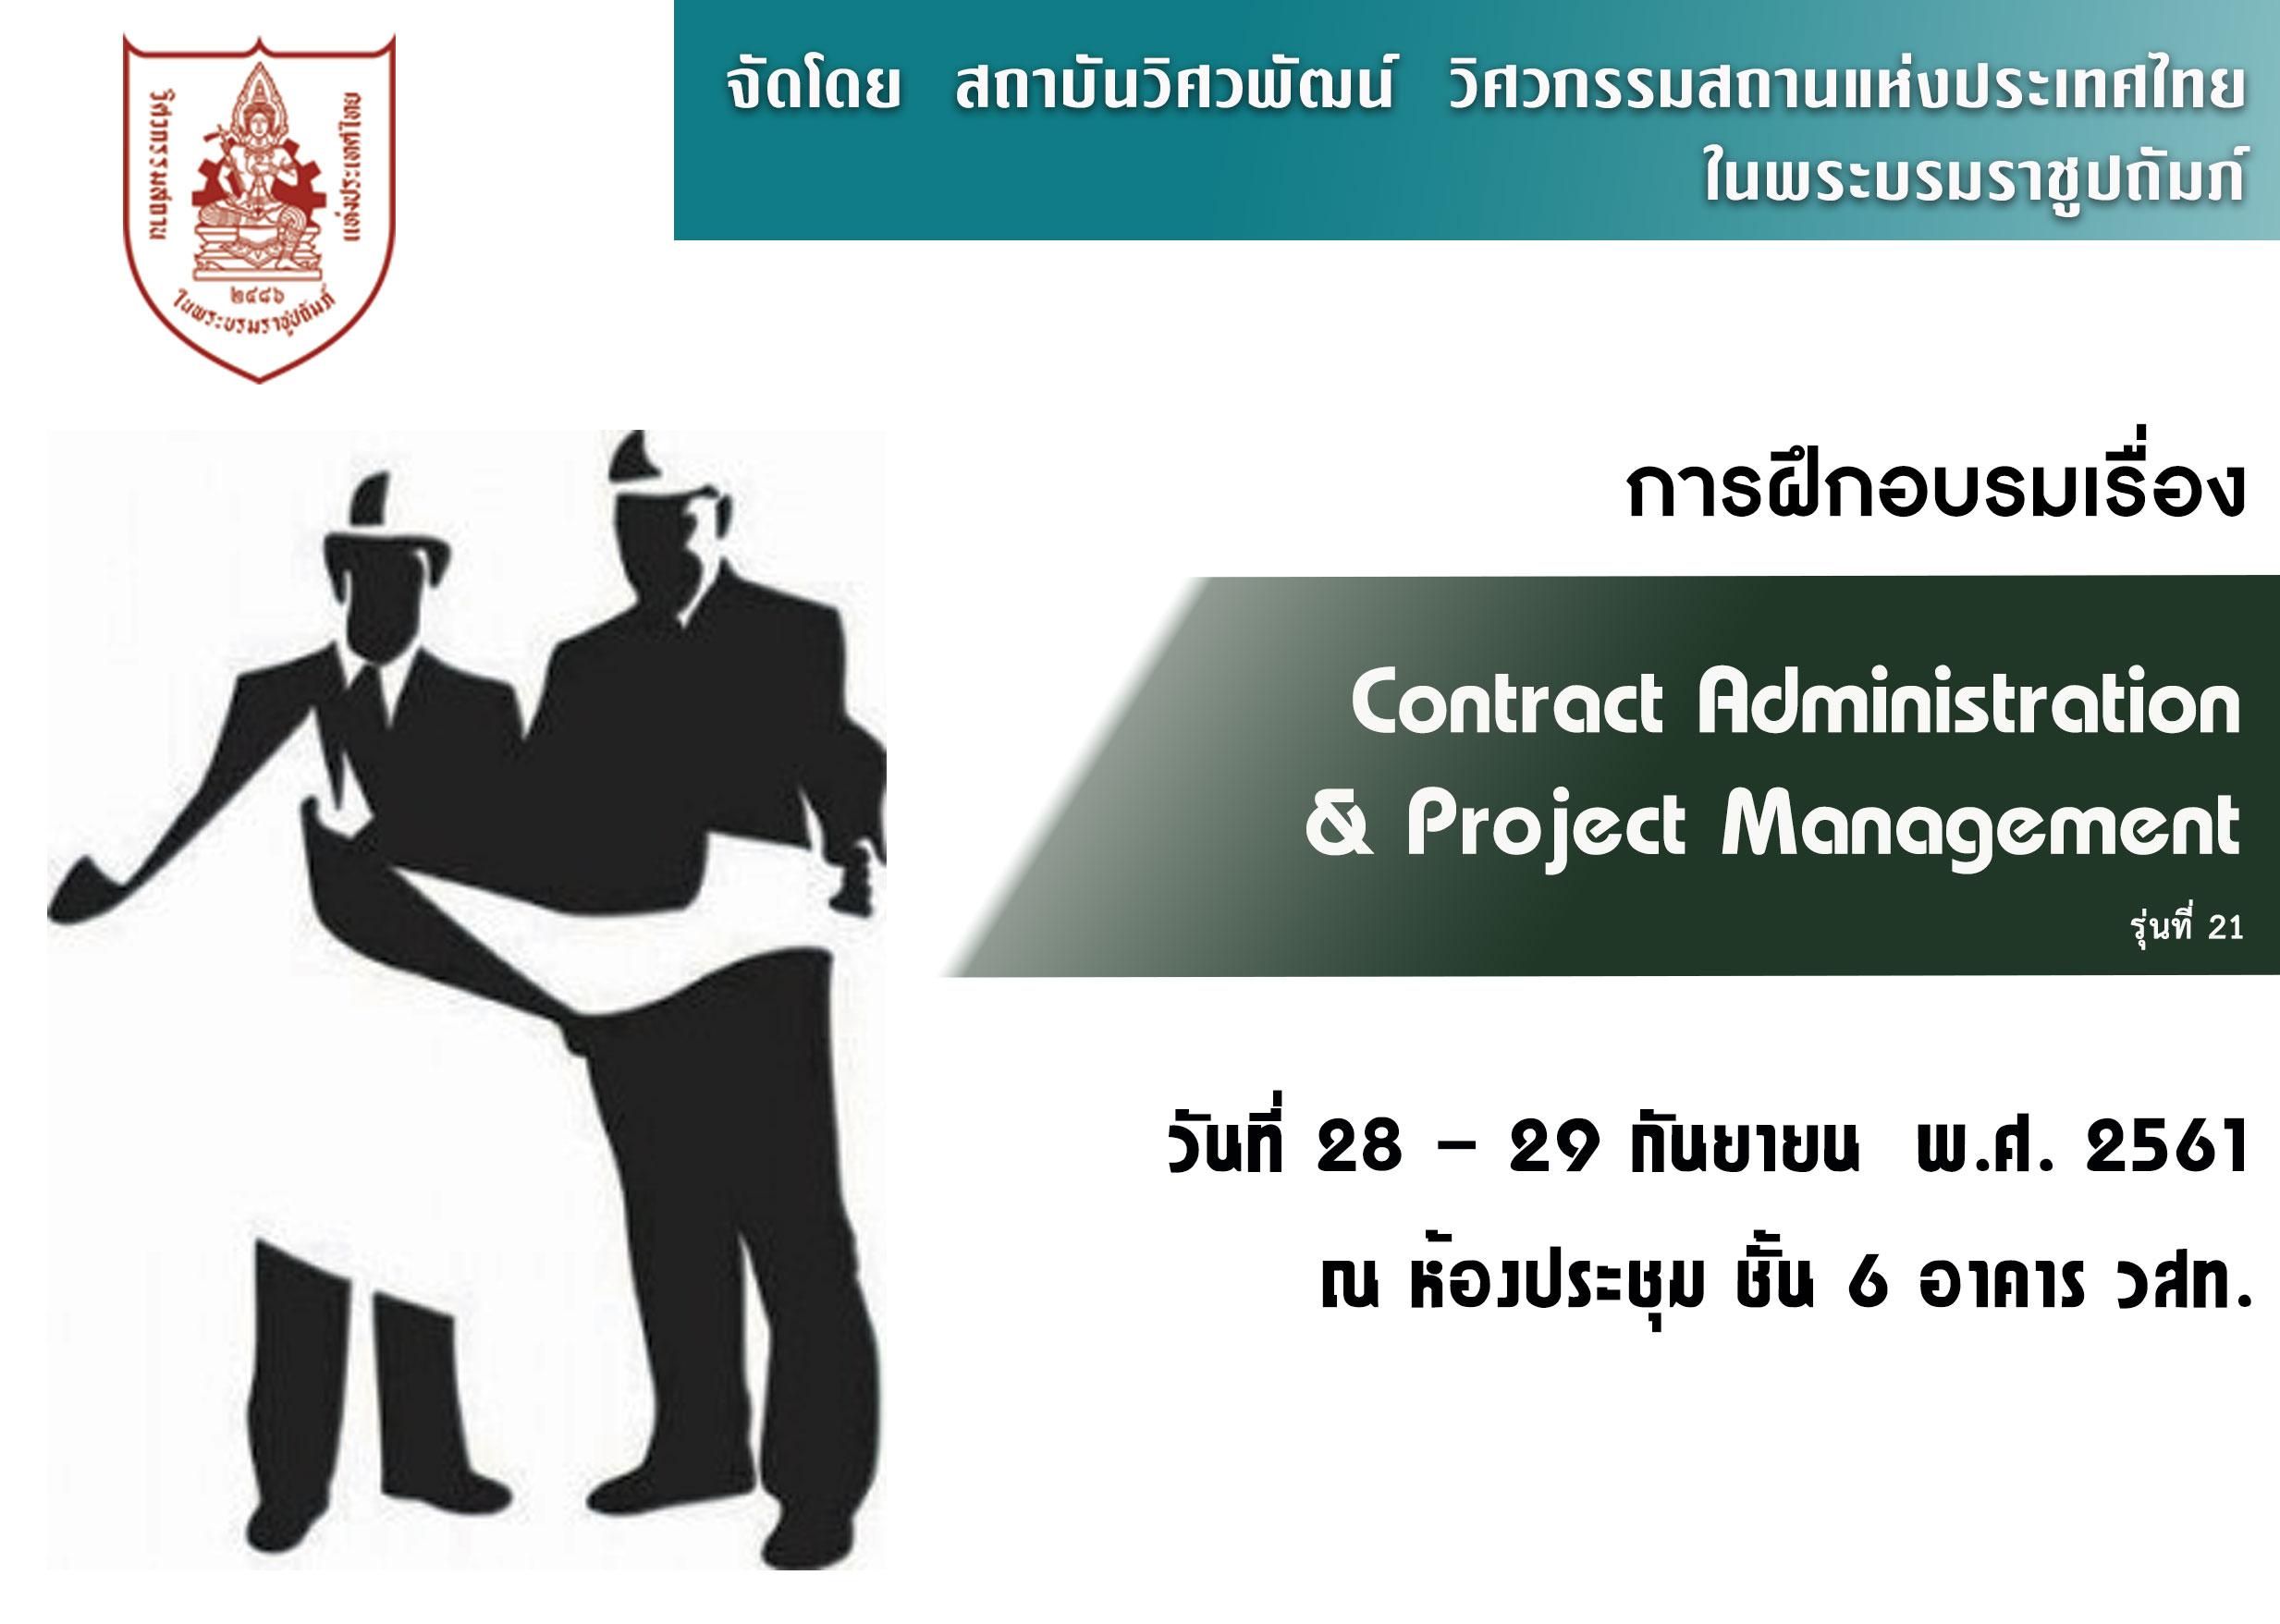 28-29/09/2561 การฝึกอบรมเรื่อง Contract Administration & Project Management รุ่นที่ 21